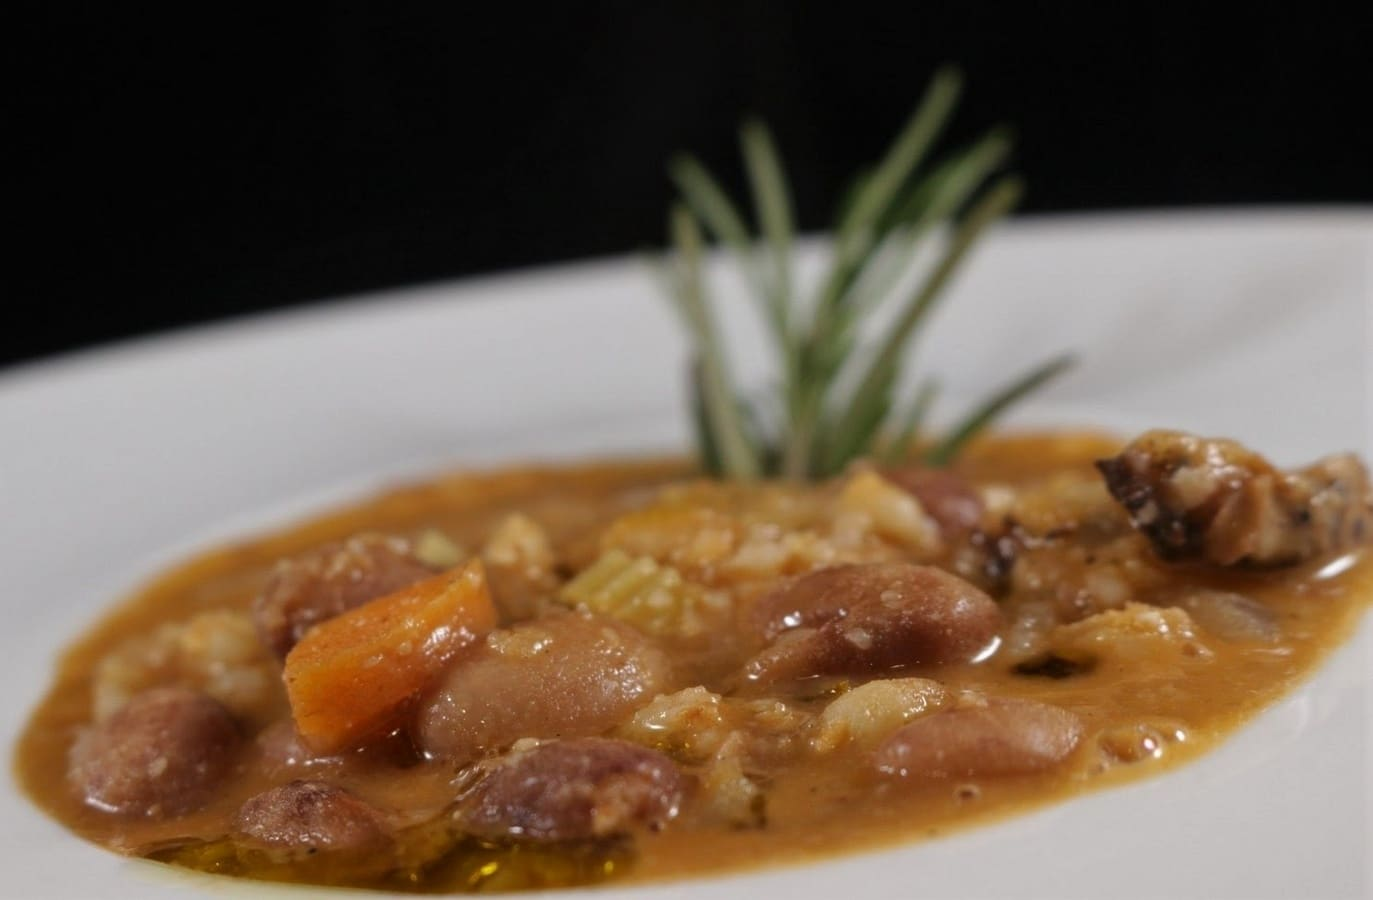 cucina di base a torino corso di cucina di base scuola di cucina a torino zuppe e minestre la palestra del cibo